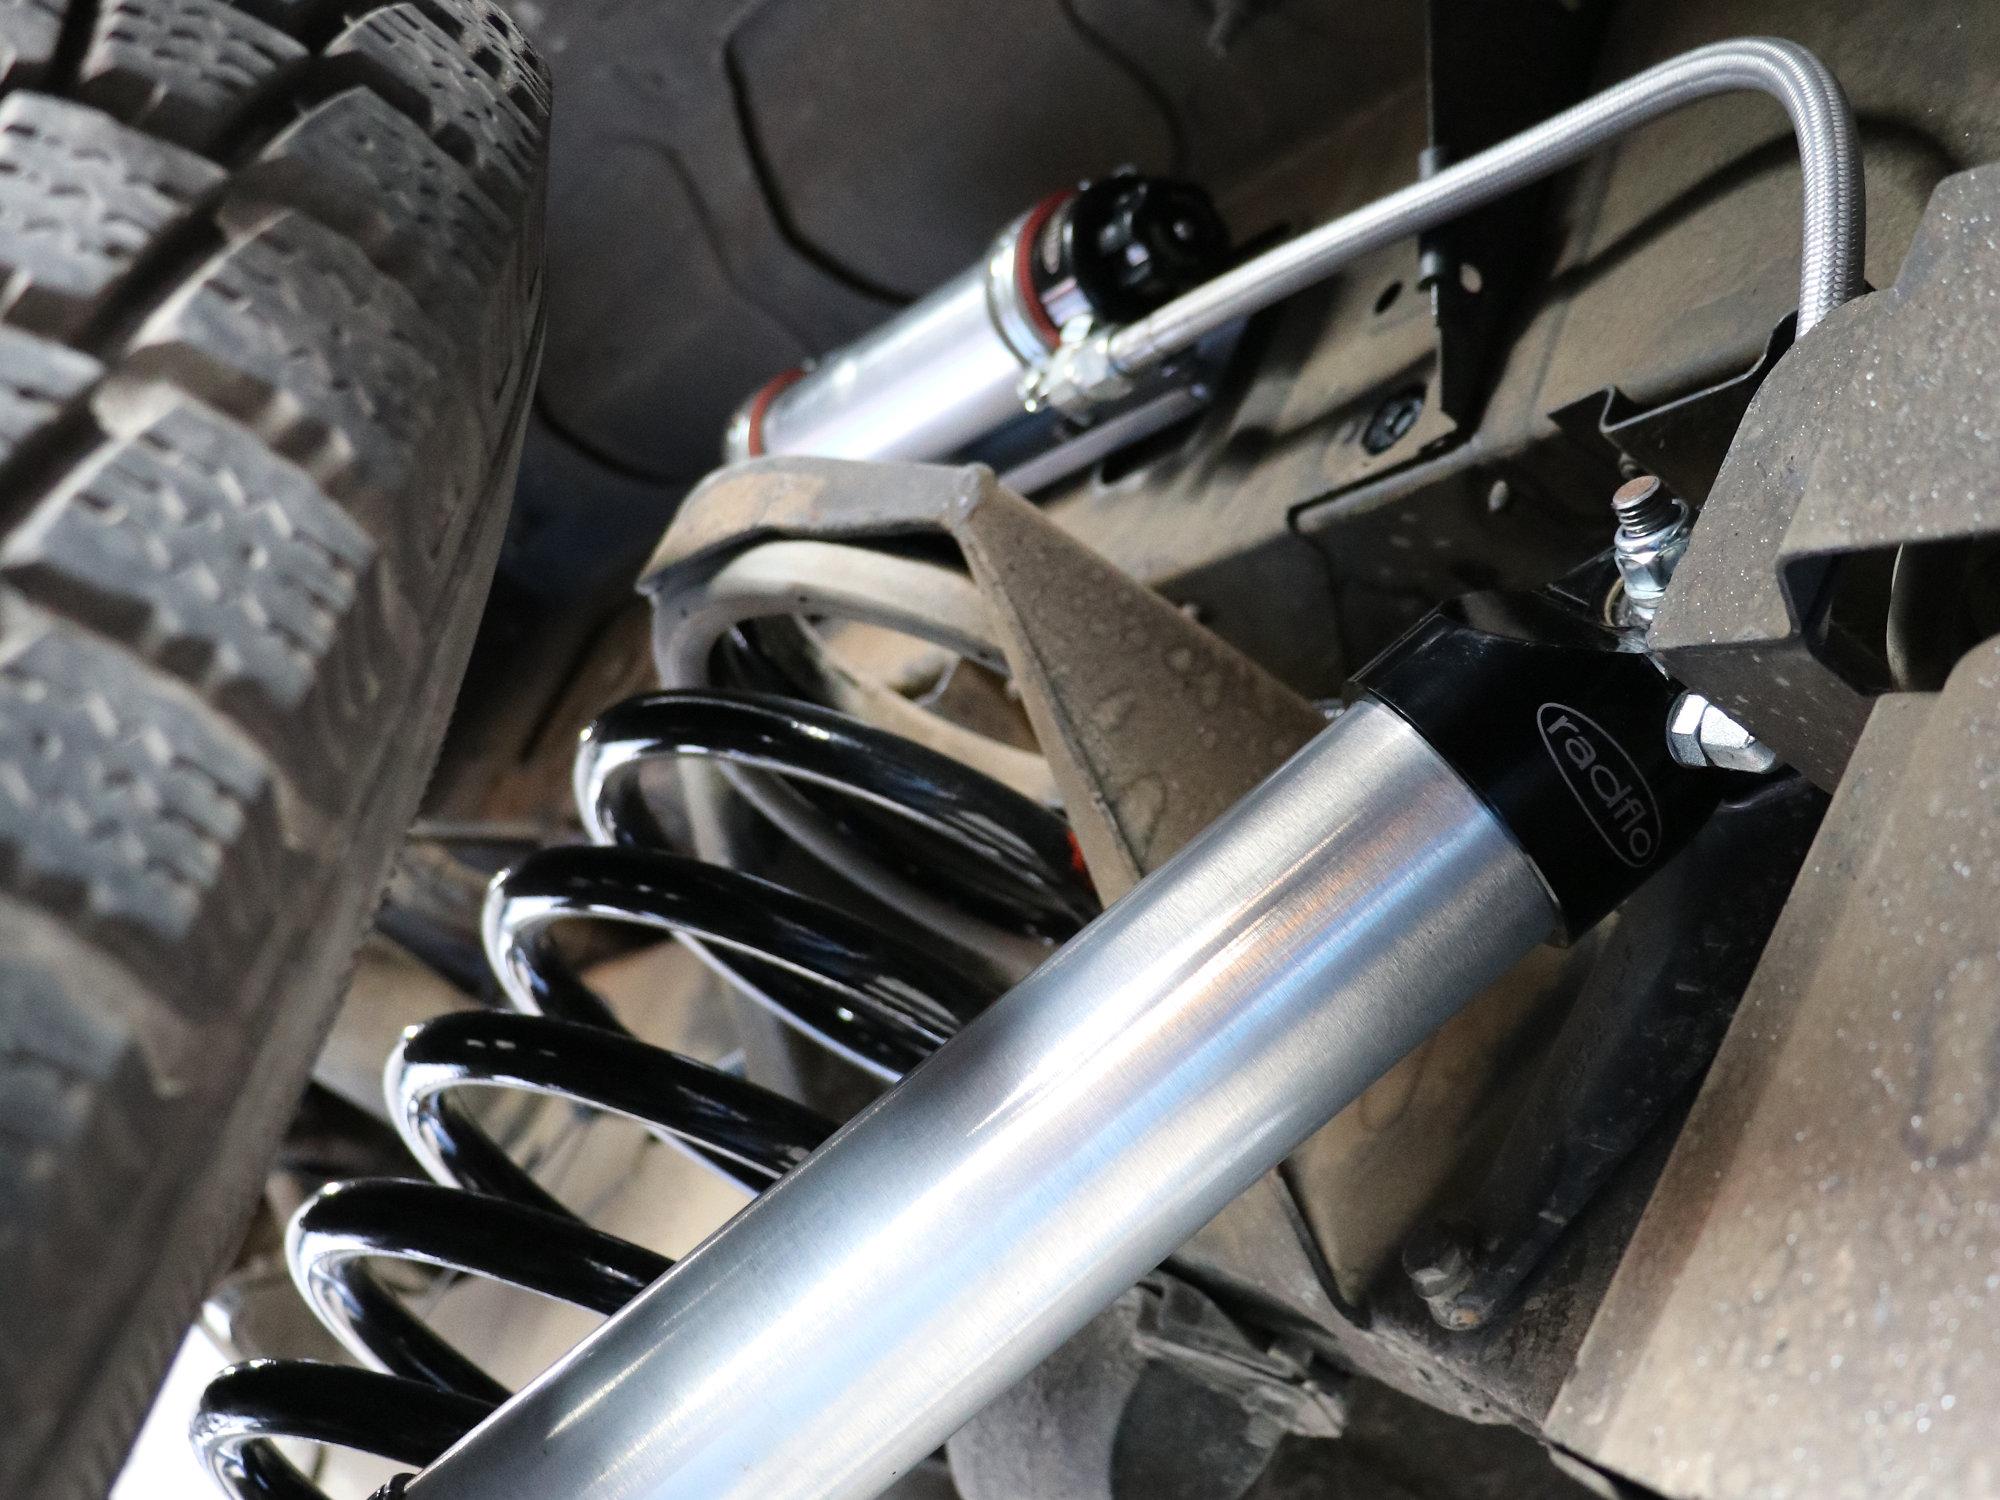 Radflo-Stoßdämpfer an der Hinterachse mit neuen Fahrwerksfedern